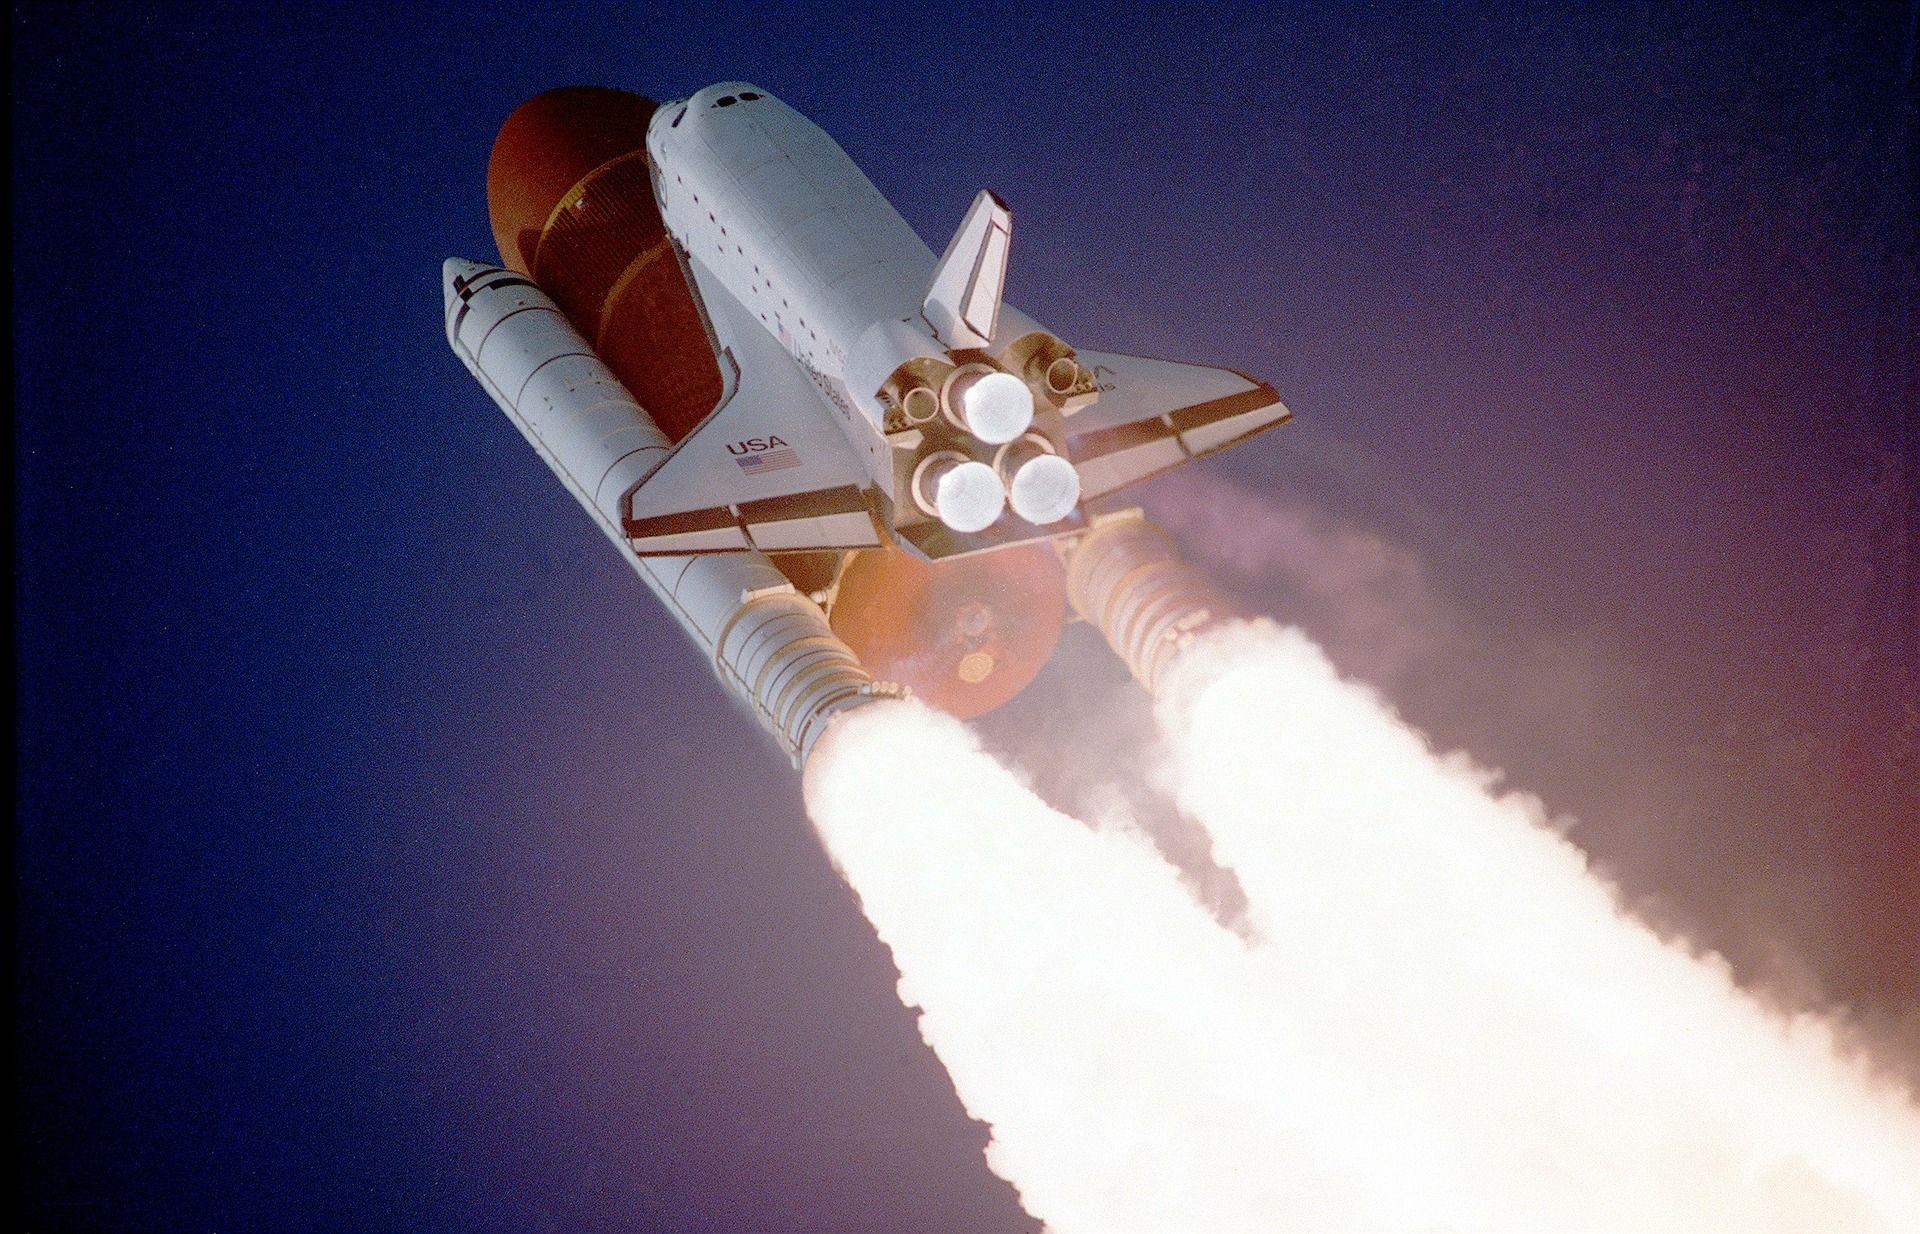 Les fusées c'est fini : la conquête de l'espace se fera désormais sans elles